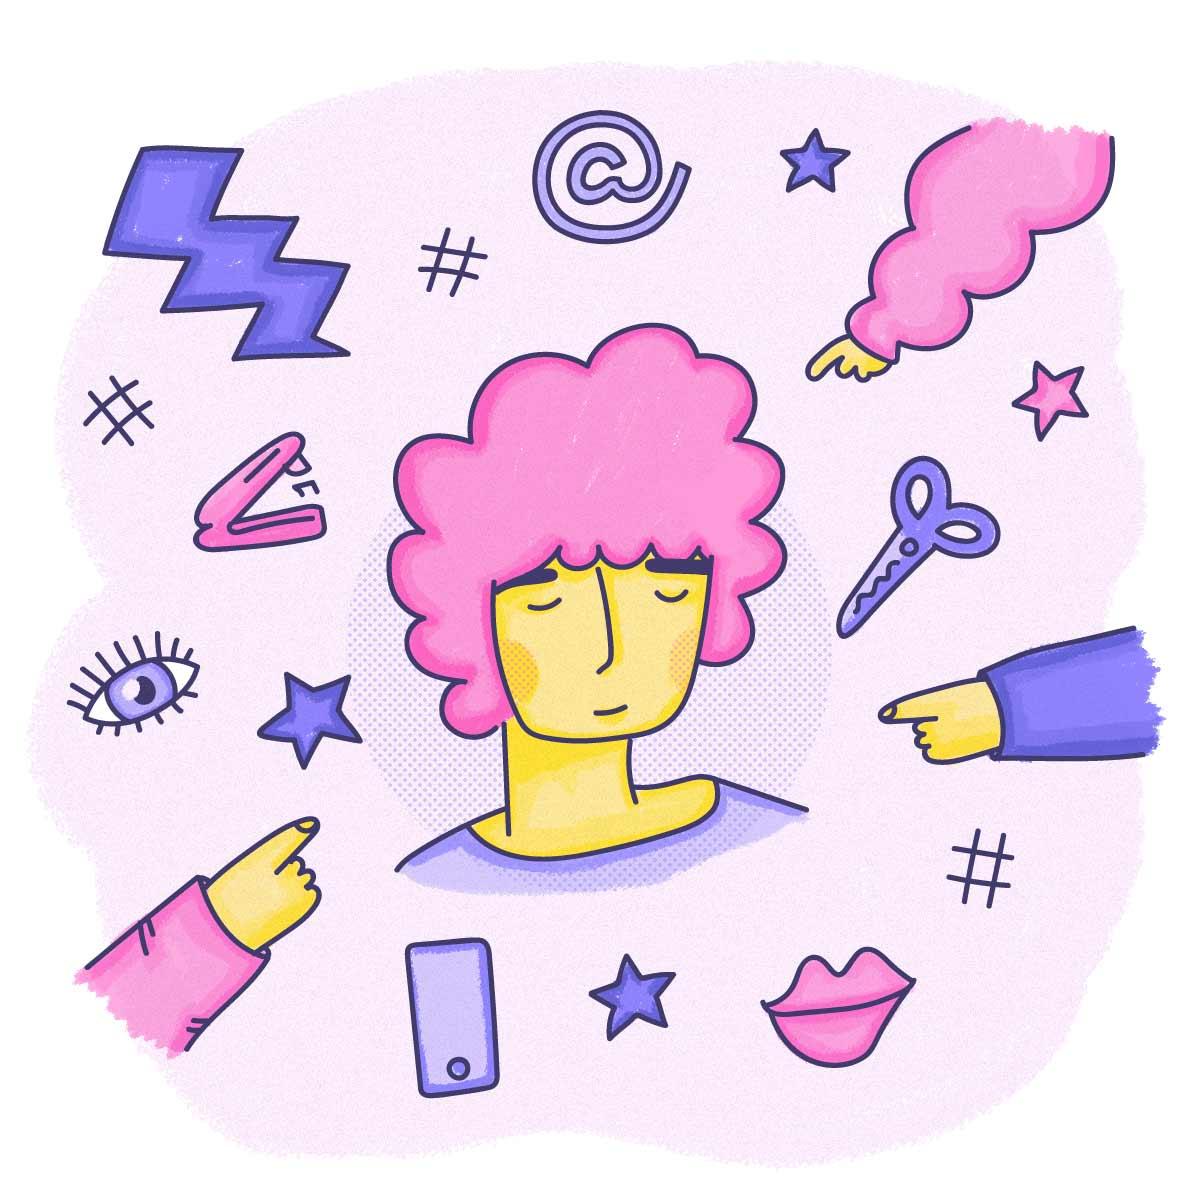 Mujer de pelo enrulado rosado rodeada de manos apuntándola y objetos de oficina